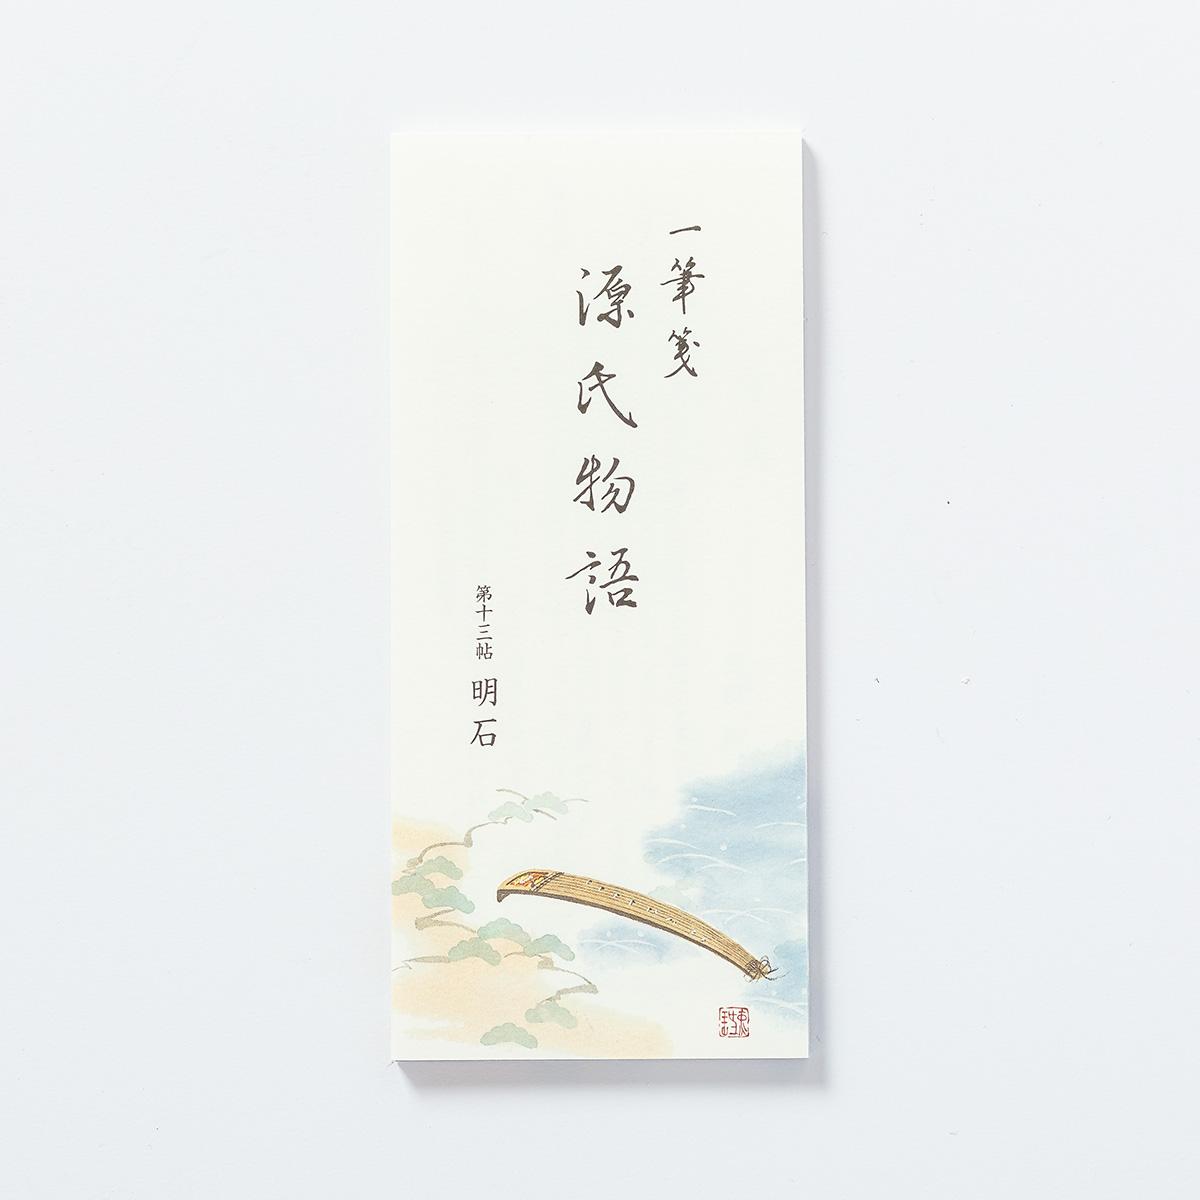 源氏物語一筆箋 第13帖「明石」